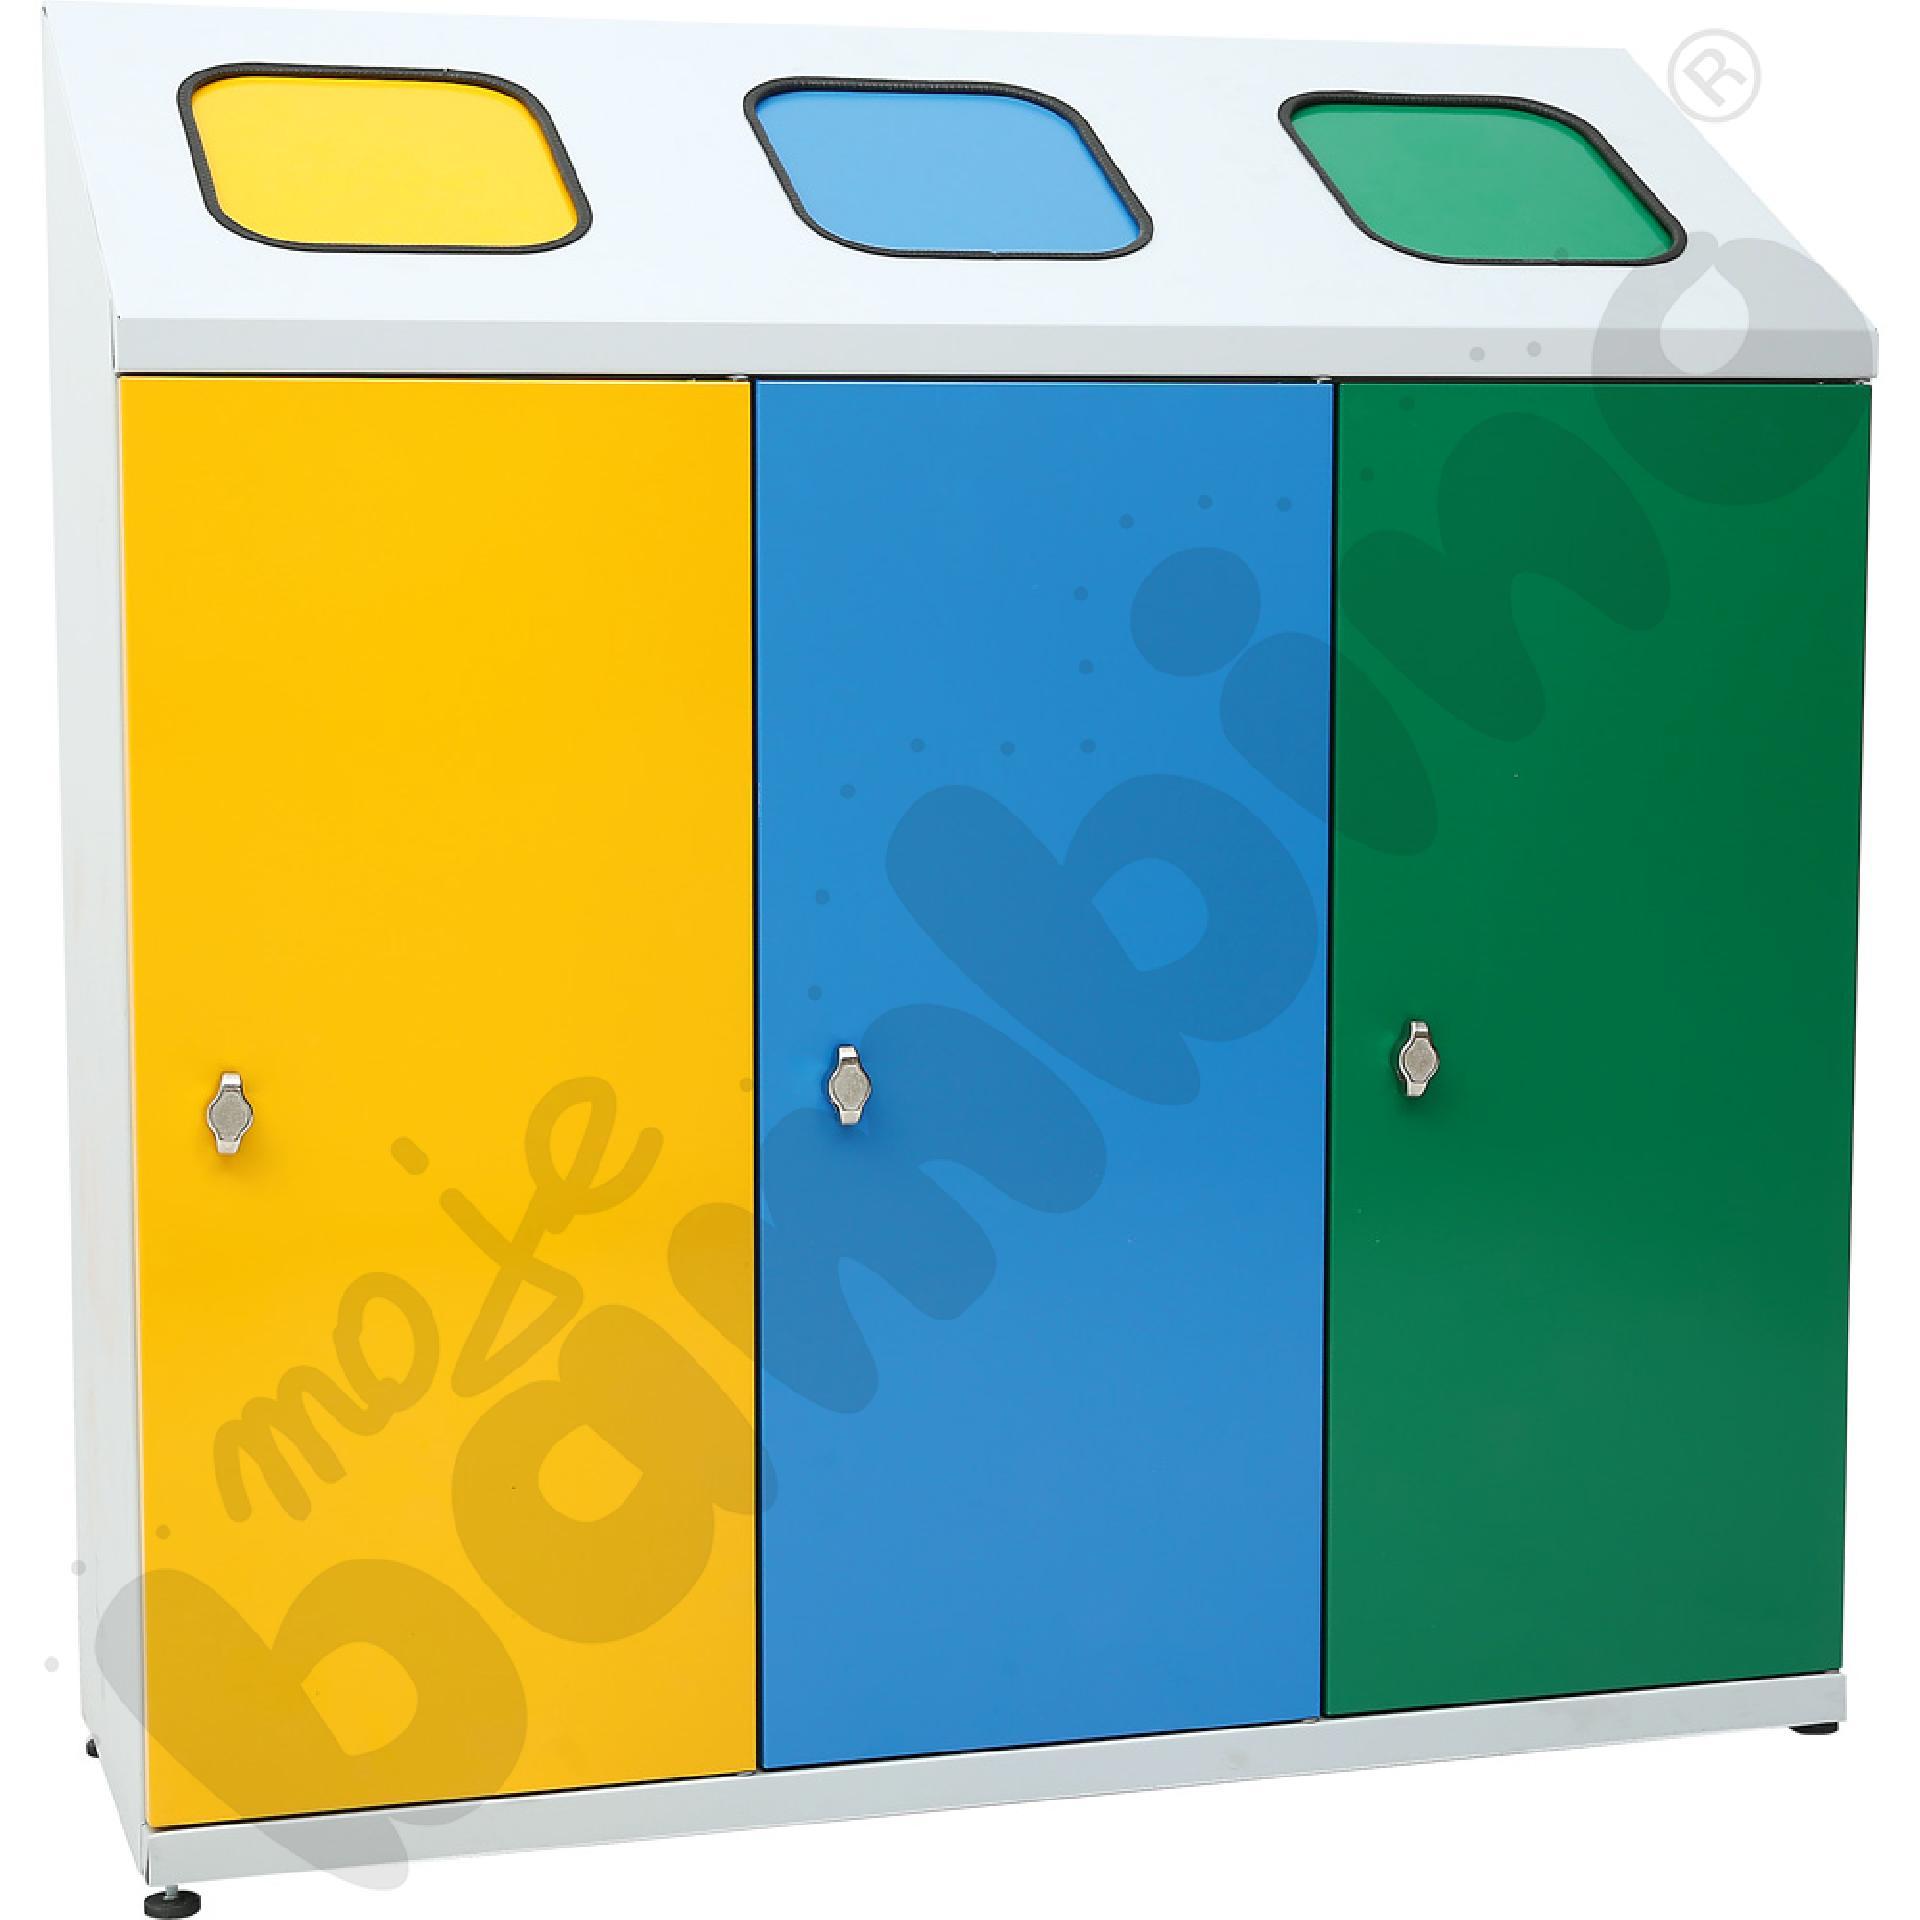 Pojemnik do segregowania odpadów 3-komorowy